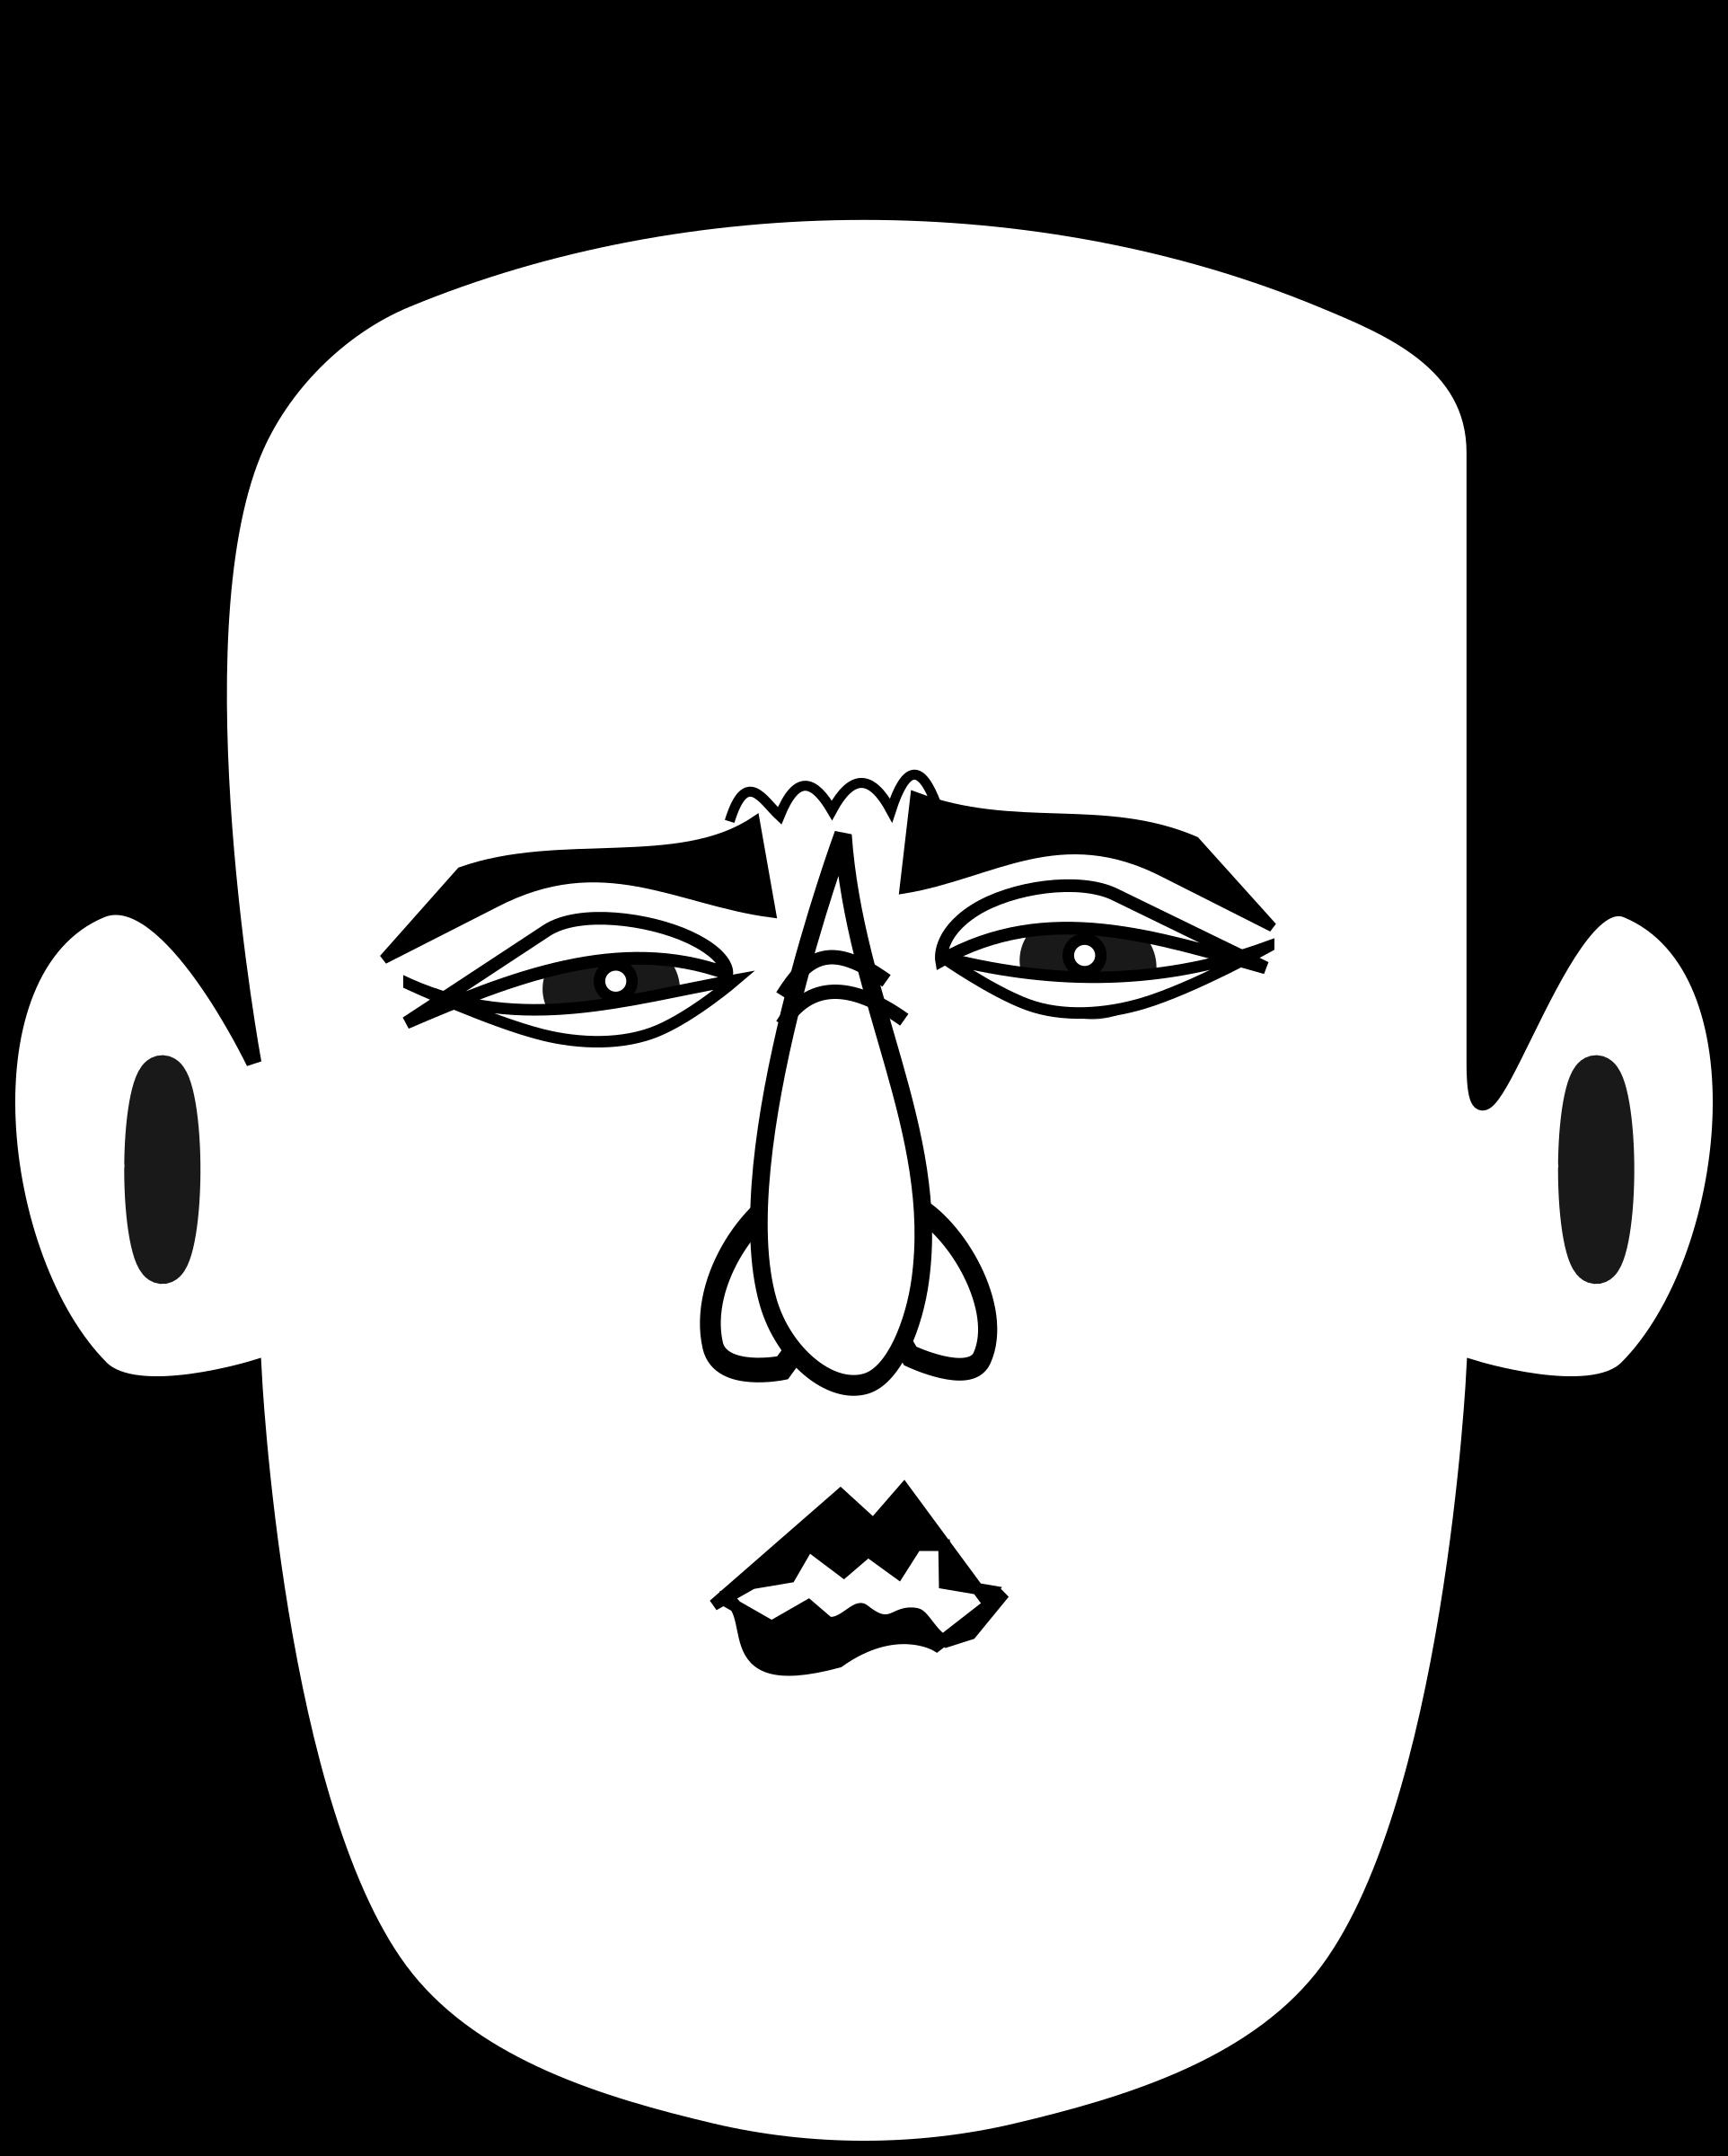 Faces clipart basic emotion. Acidulous big image png